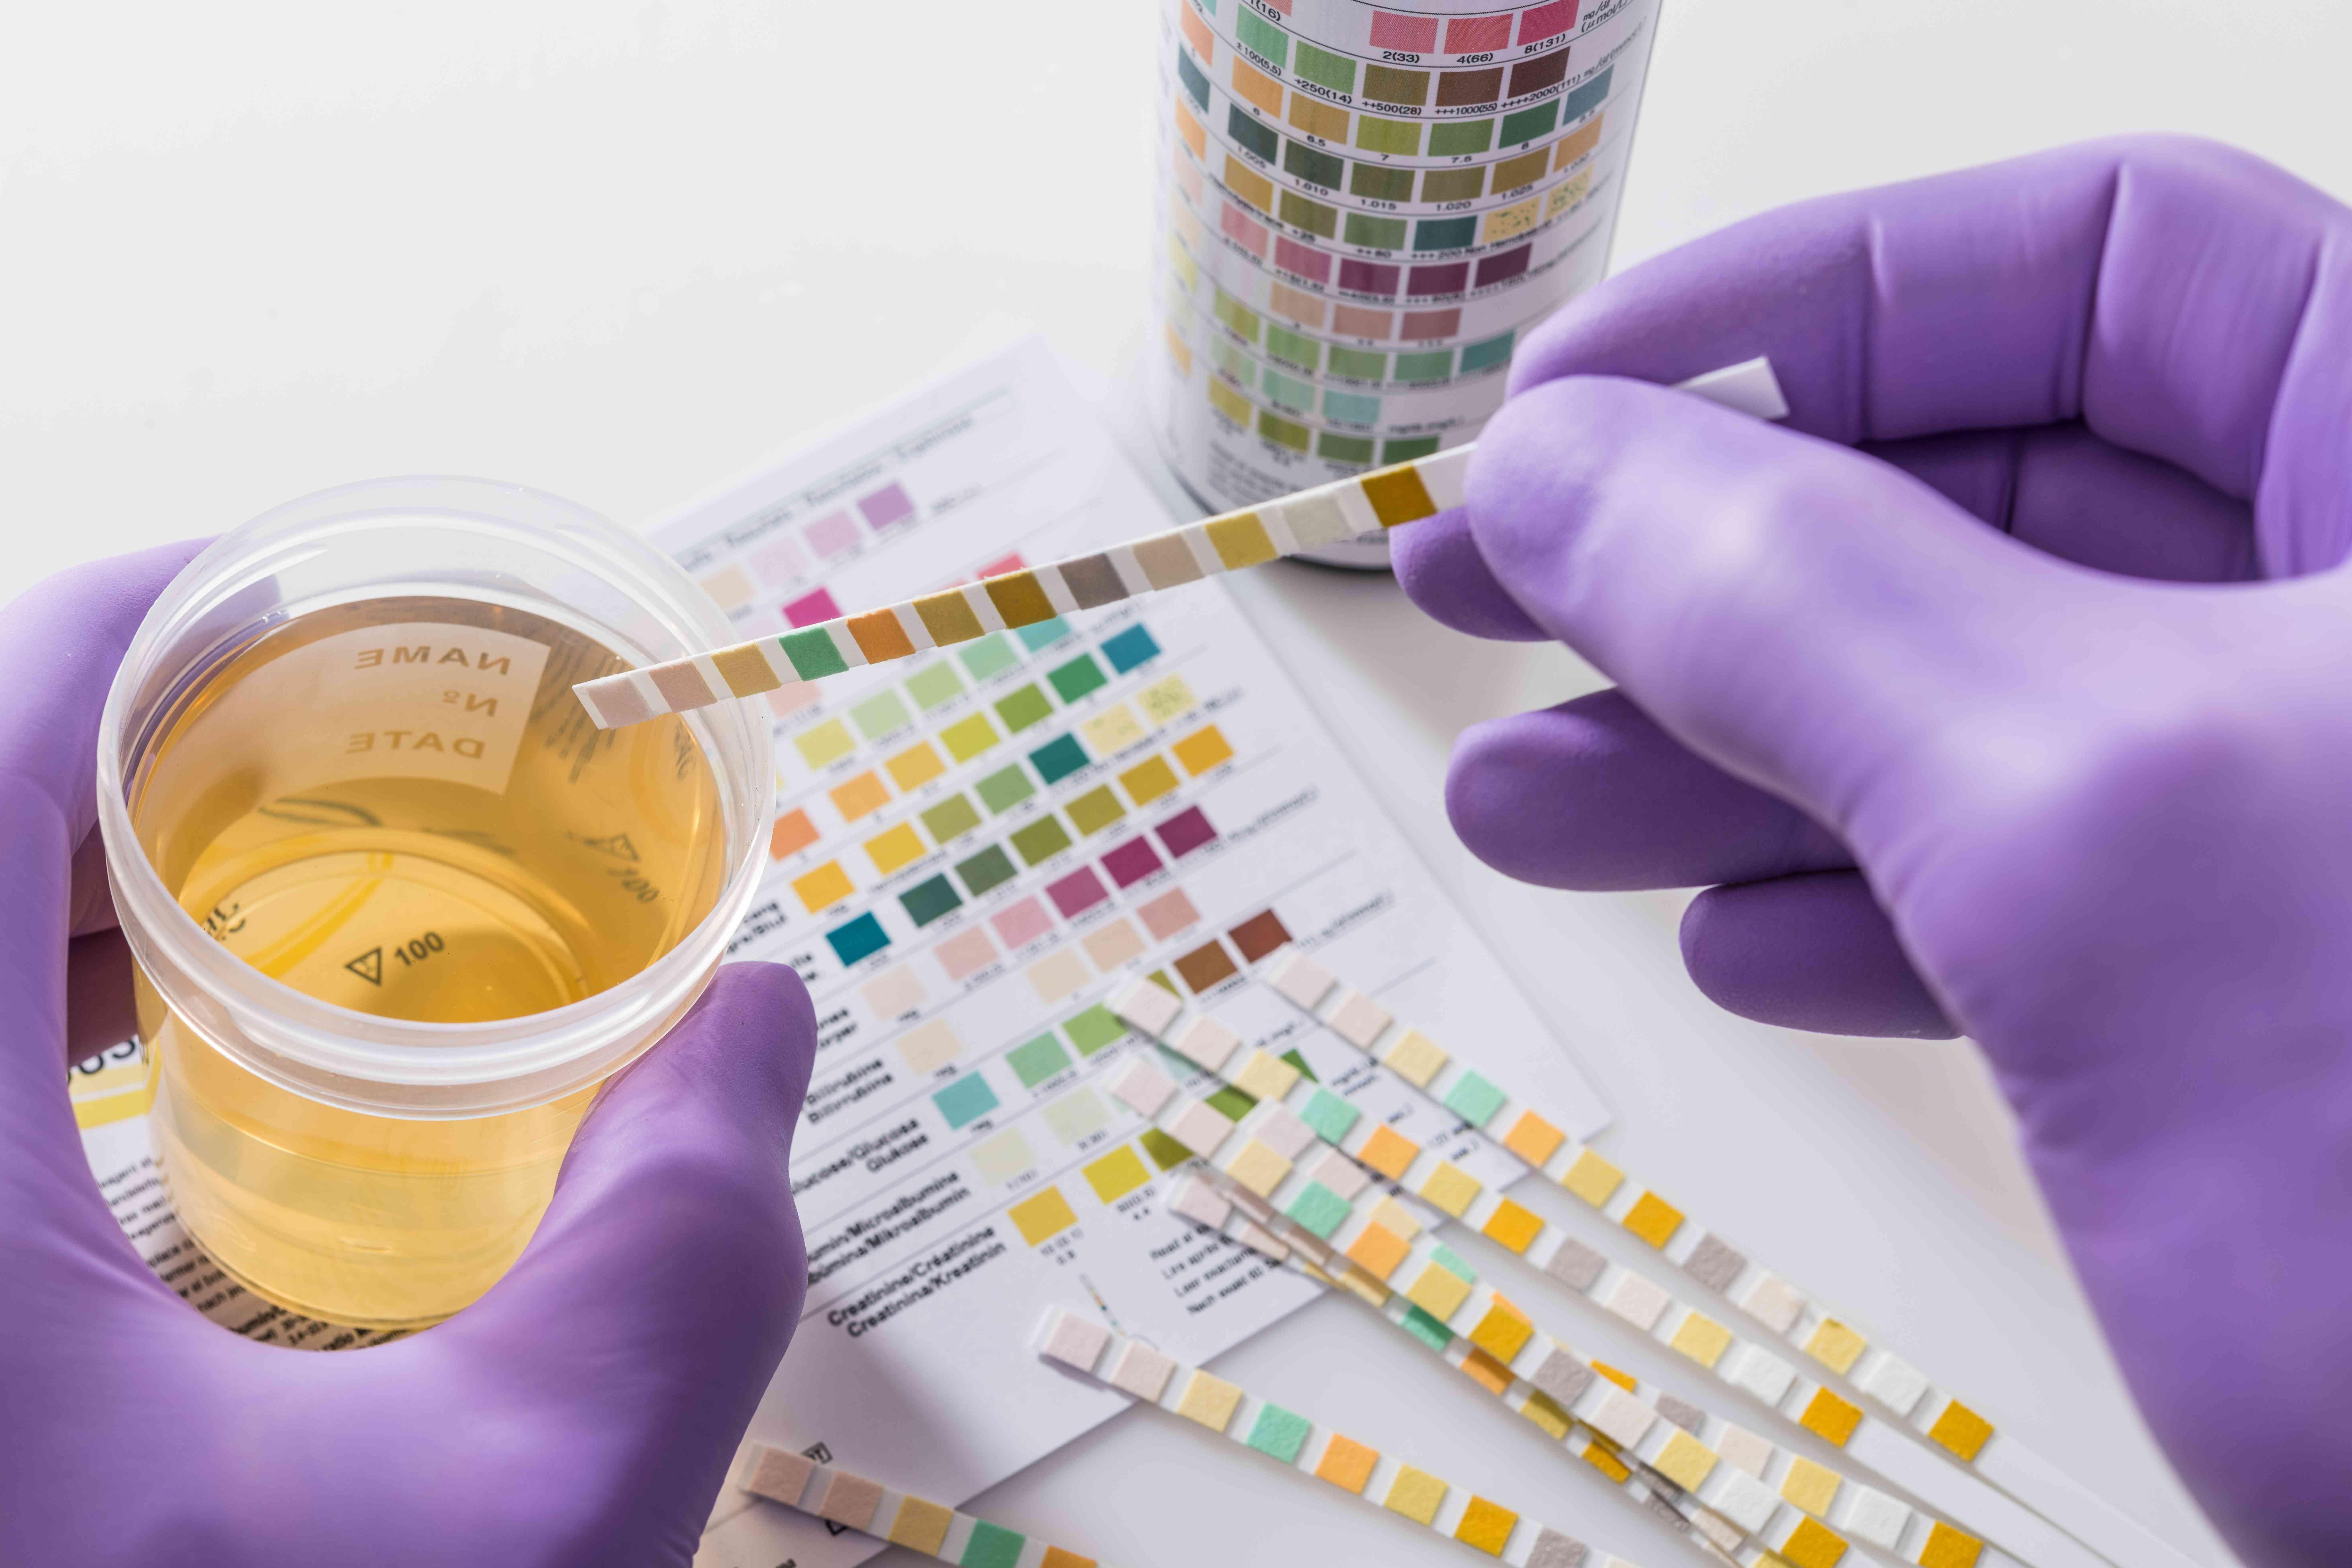 urine test strips in purple gloves